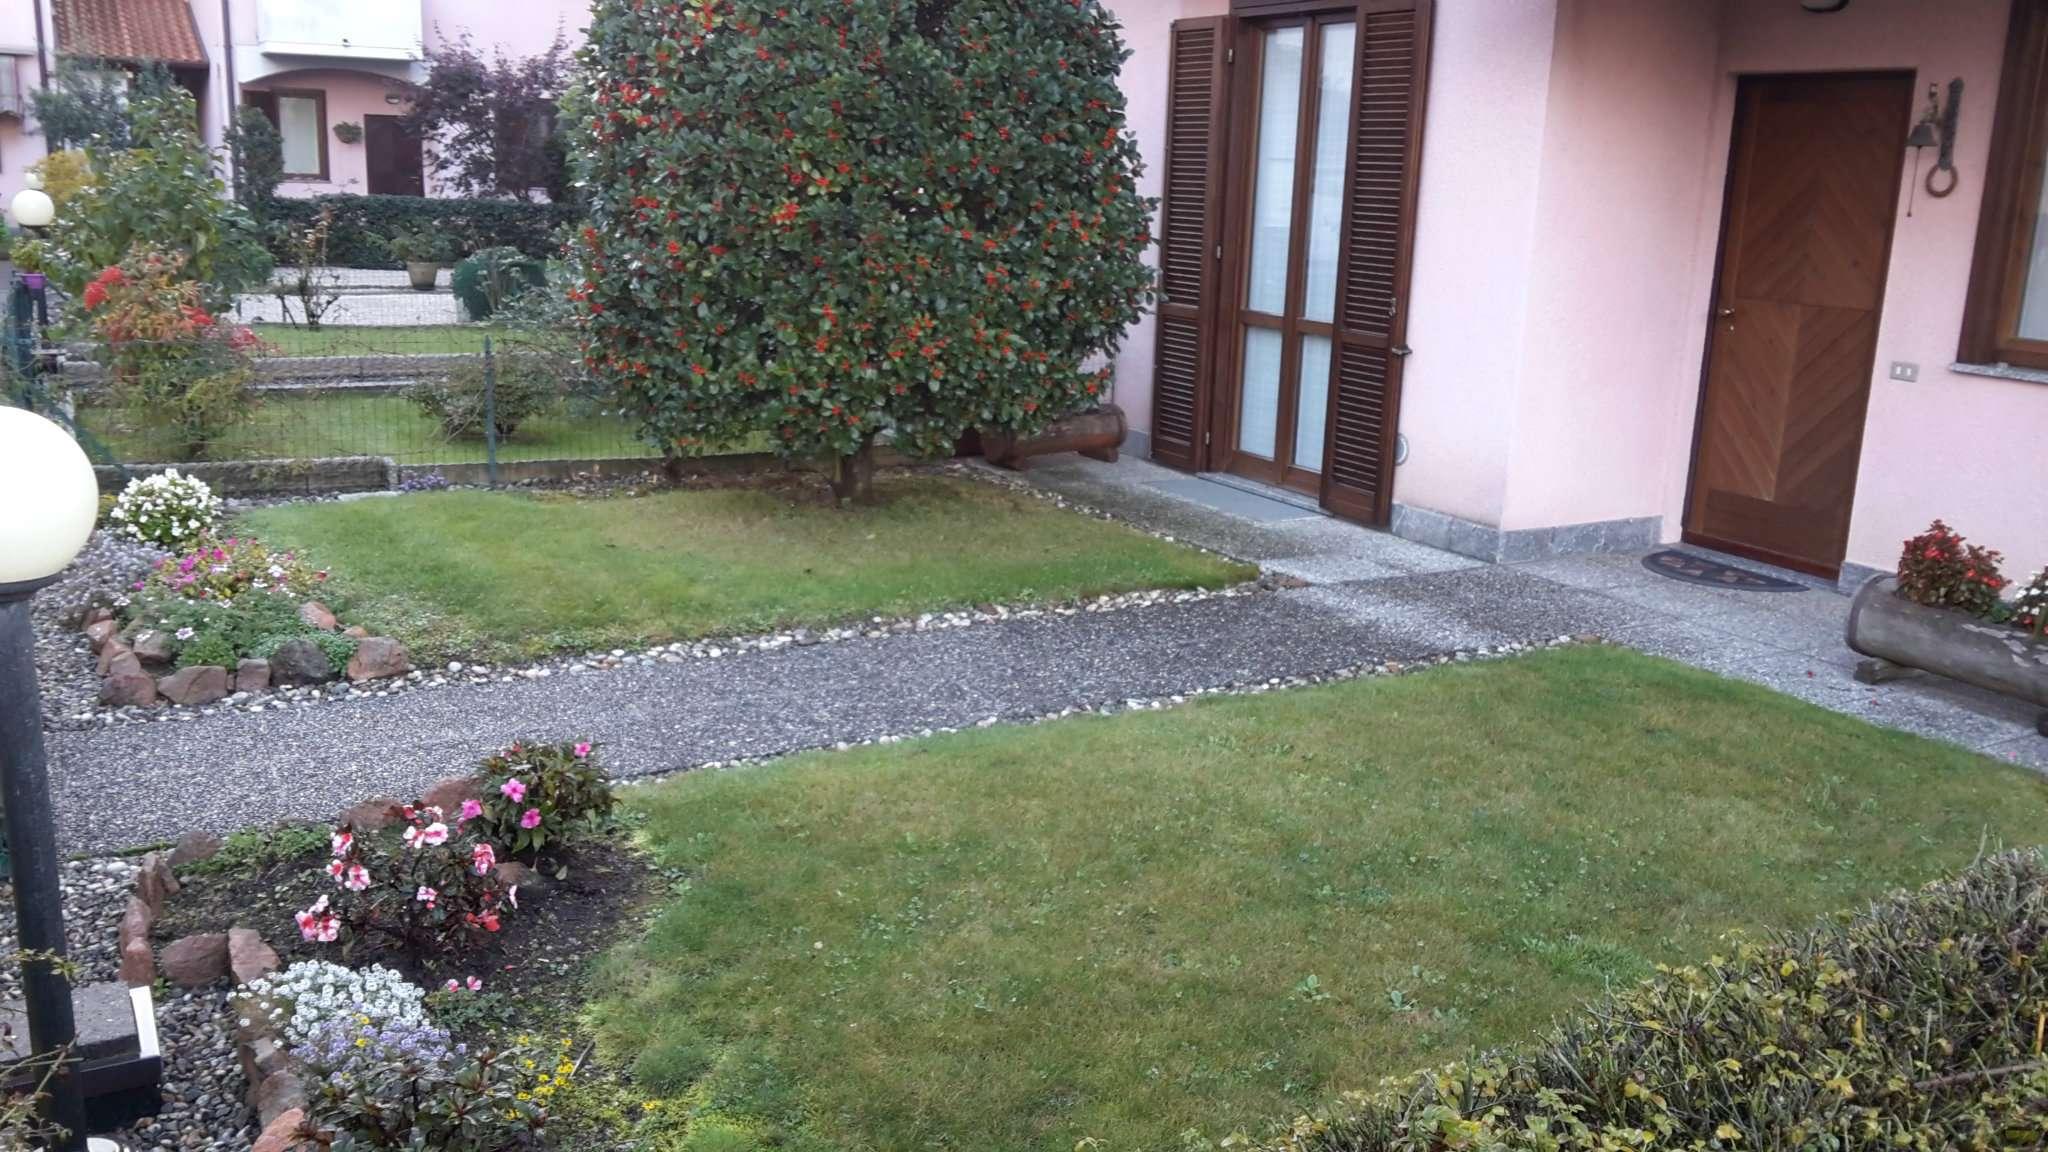 Soluzione Indipendente in vendita a Castiglione Olona, 5 locali, prezzo € 230.000 | Cambio Casa.it